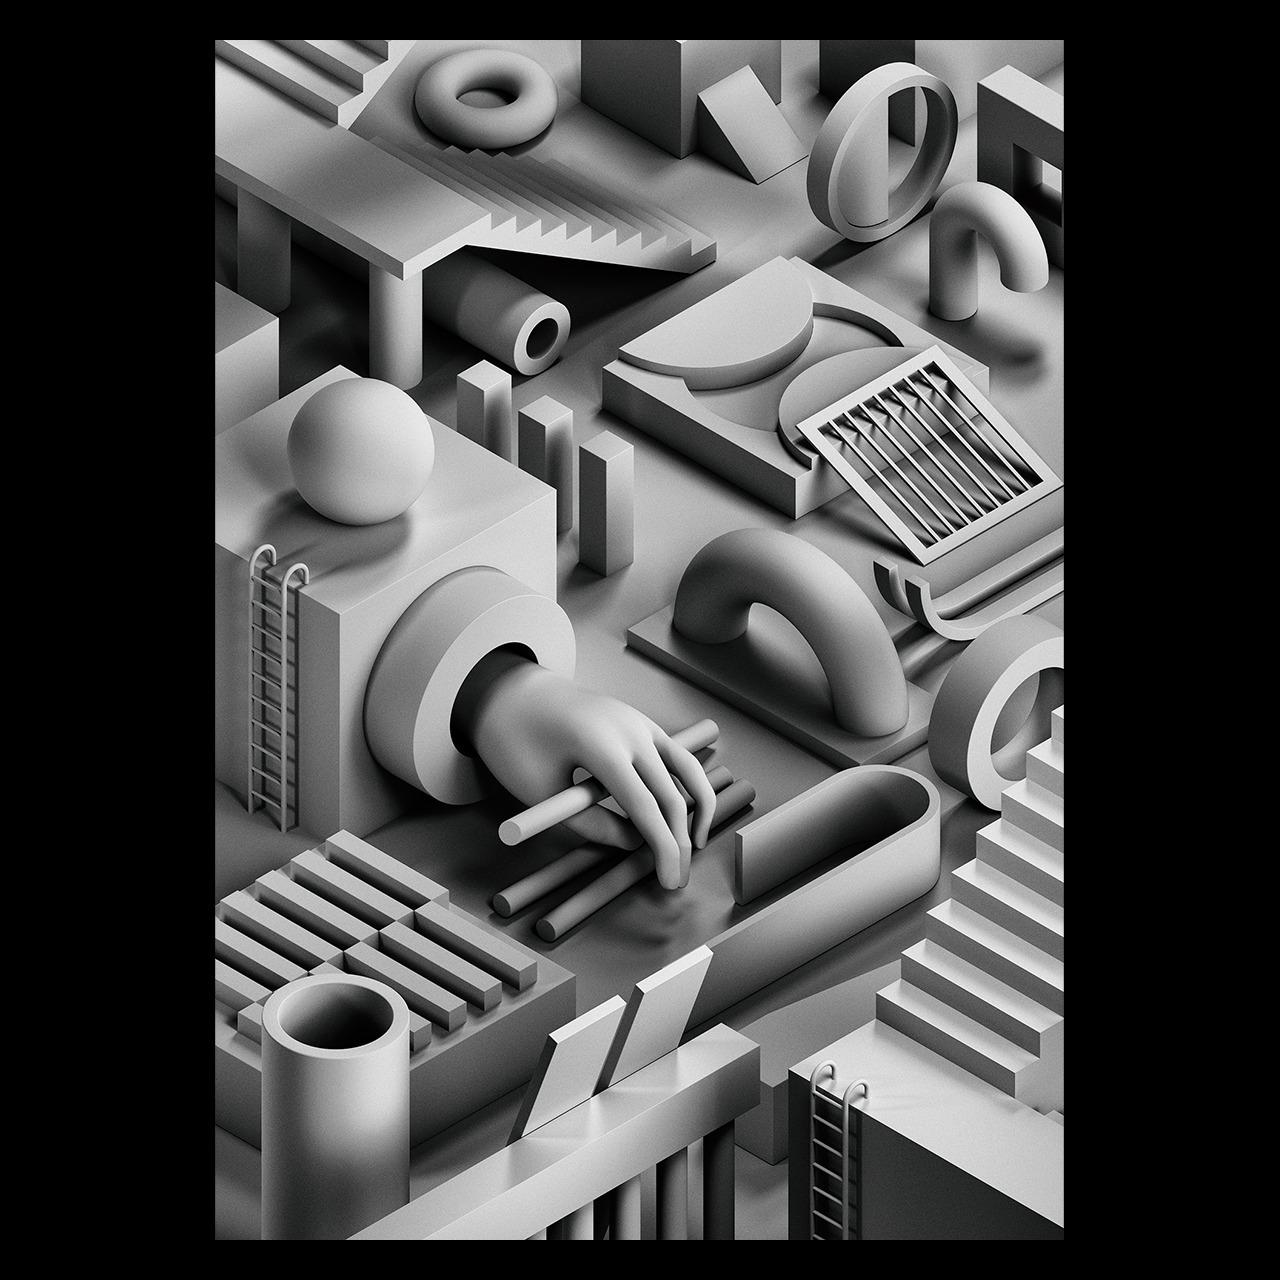 Noir II - 3d, illustration, isometric - serafimmendes | ello